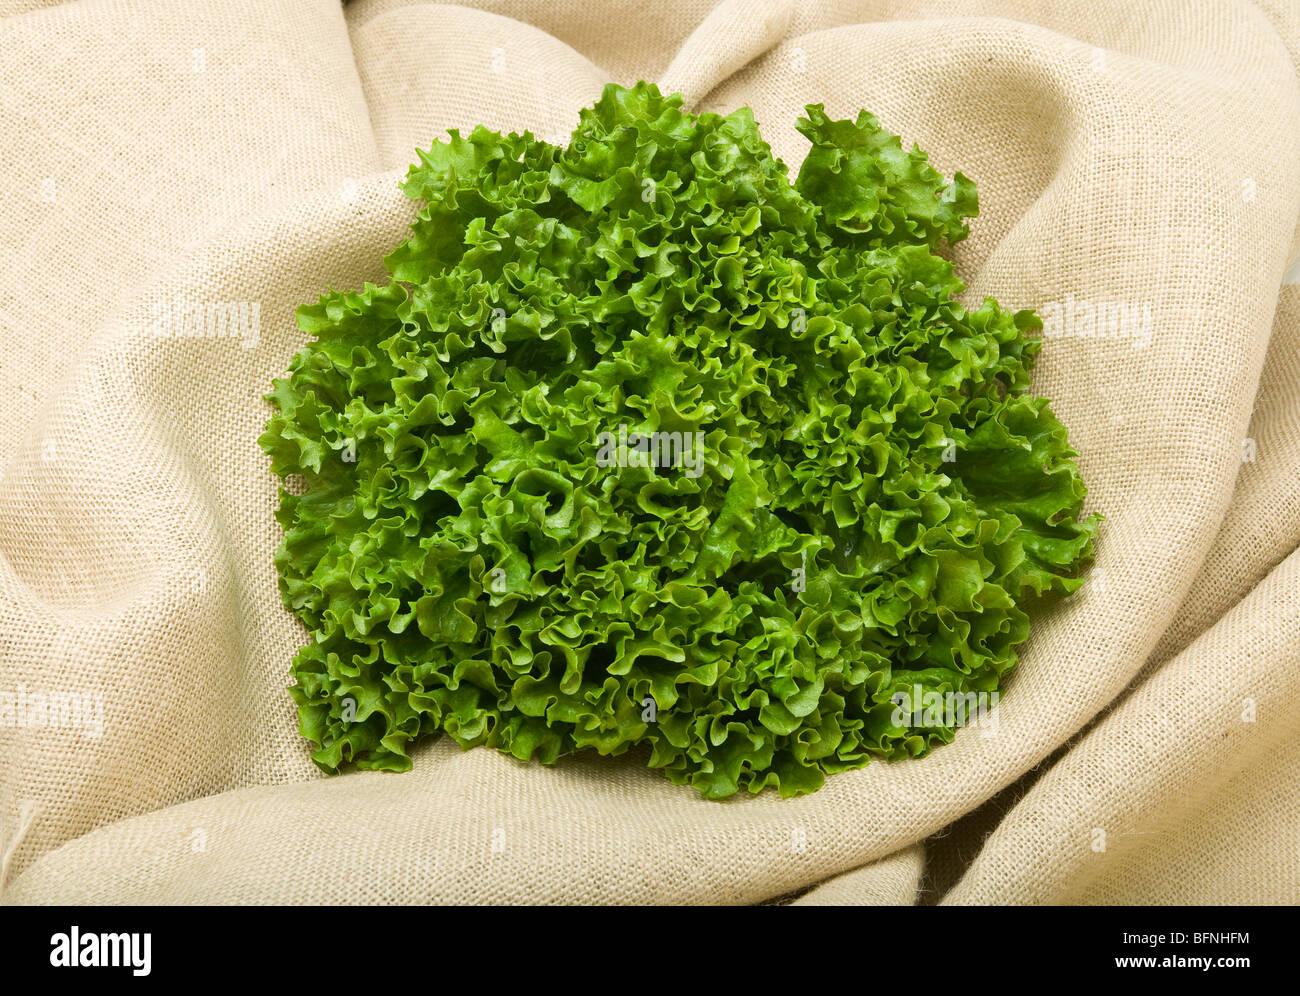 Une tête de laitue Lollo Verde (variété) joliment affichée. Photo Stock